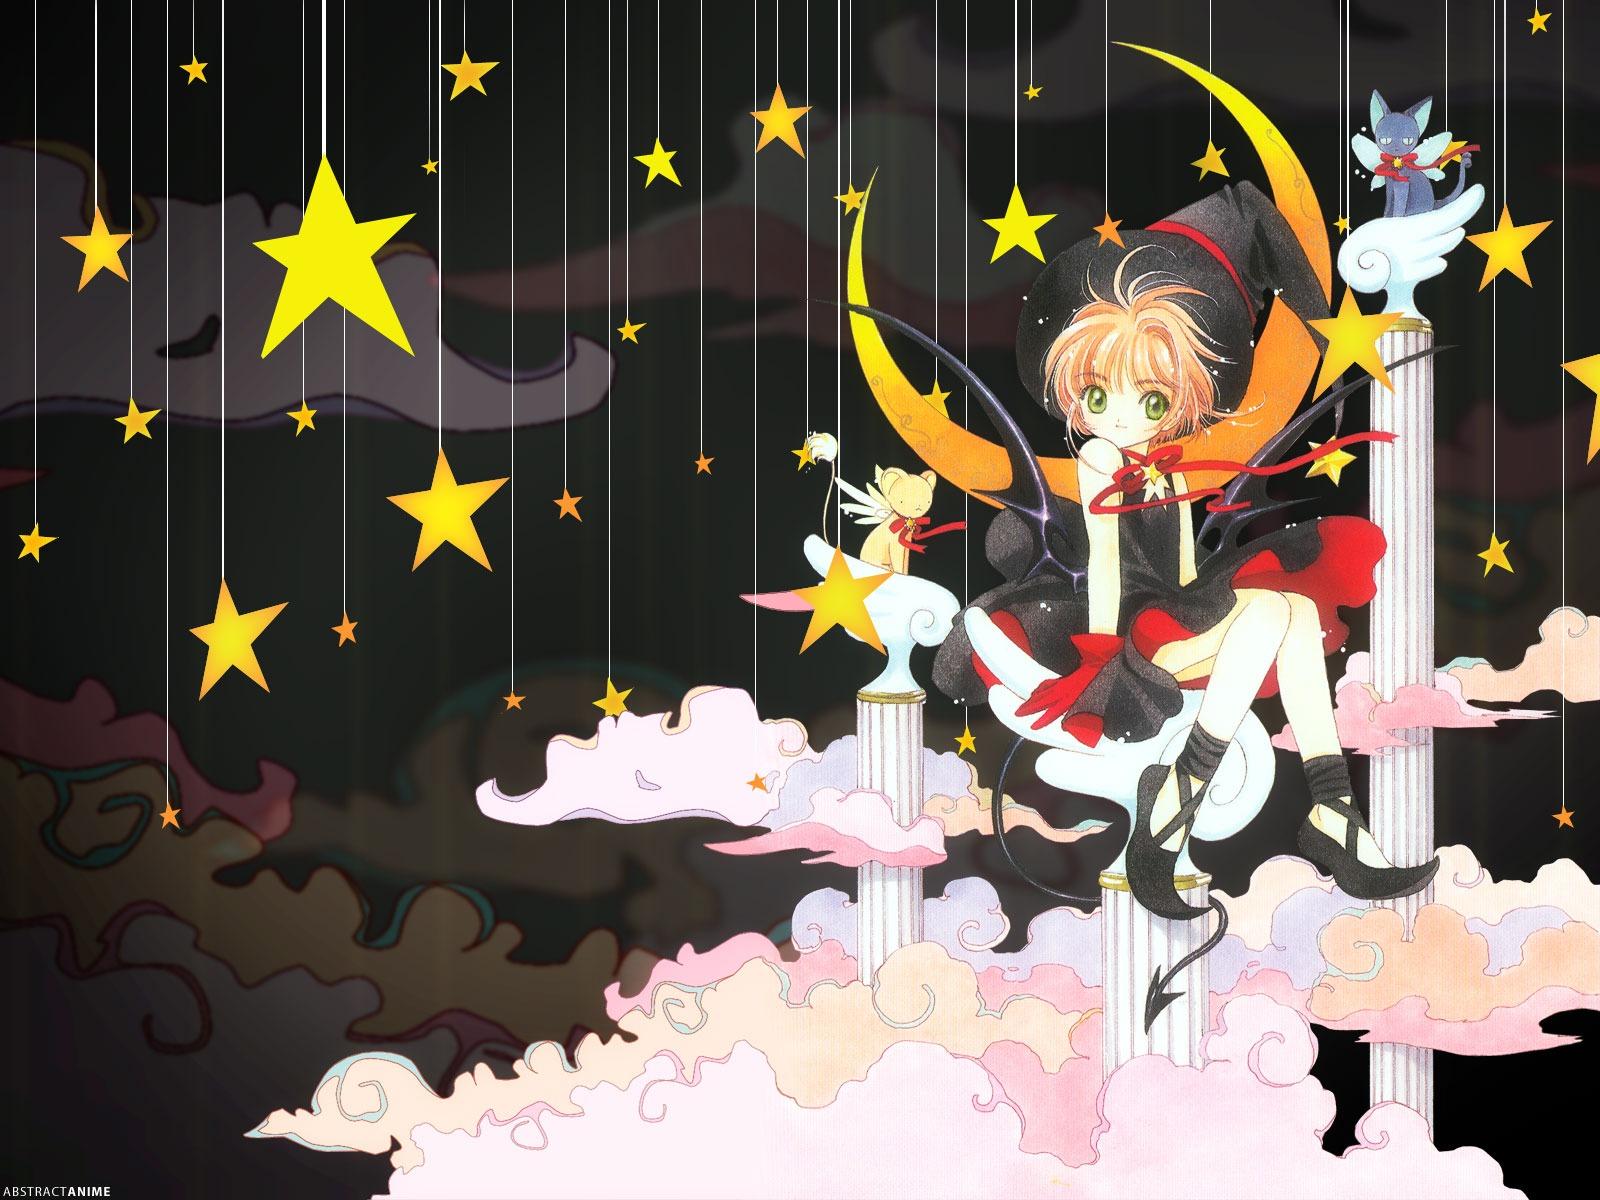 壁紙 カードキャプターさくら アニメ ダウンロード 写真